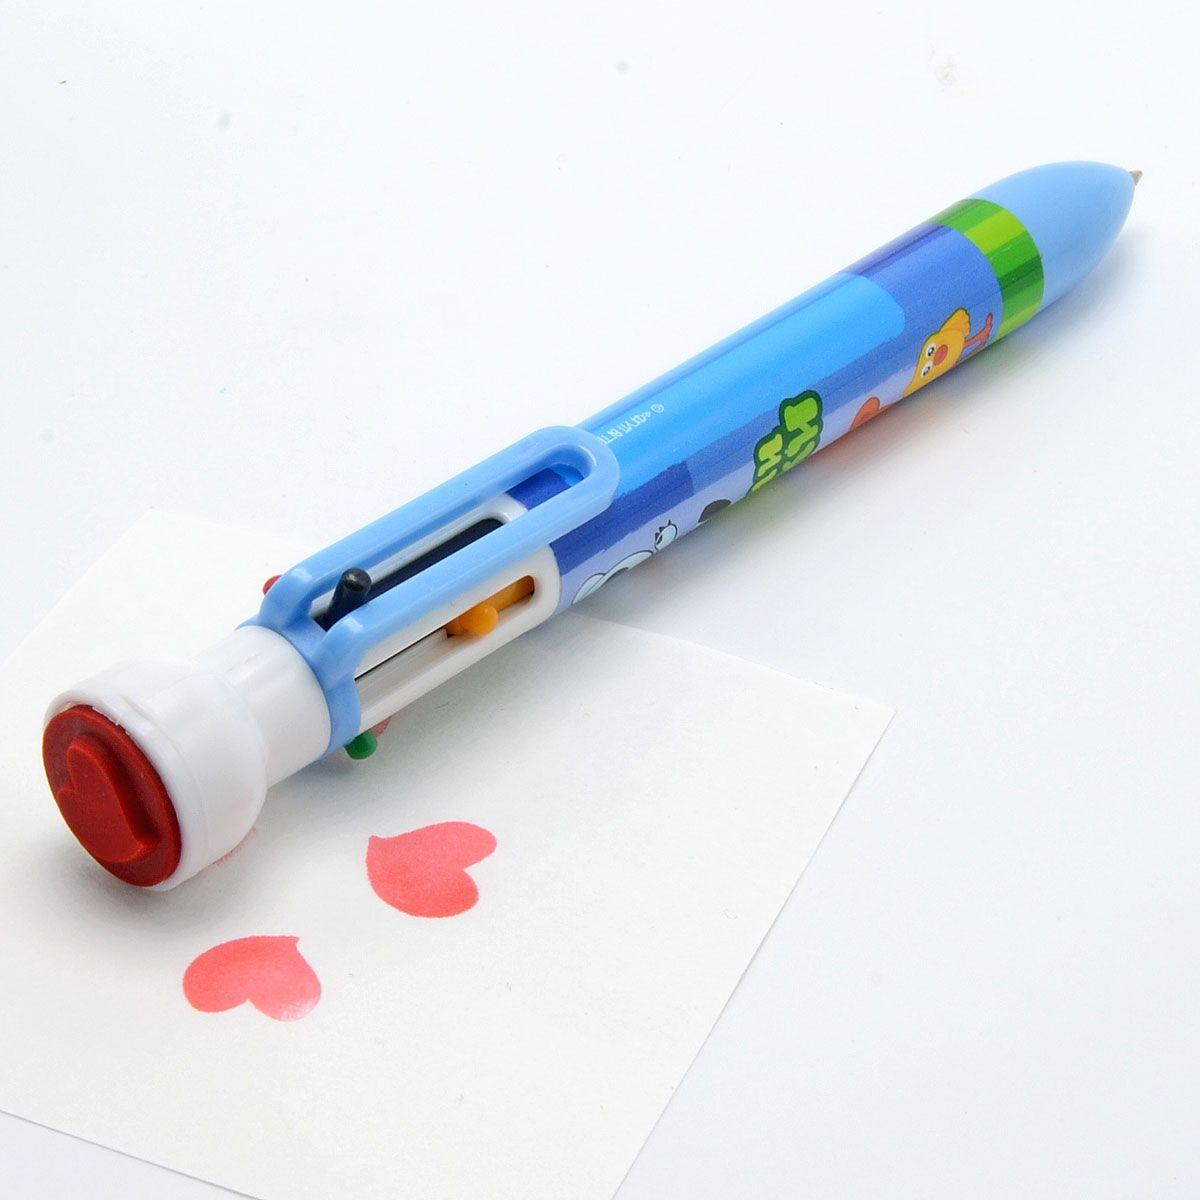 Пластиковый корпус. 6 цветов в одной ручке: красный, фиолетовый, синий, зеленый, оранжевый, черный. Со штампиком. Диаметр шарика - 0,7 мм